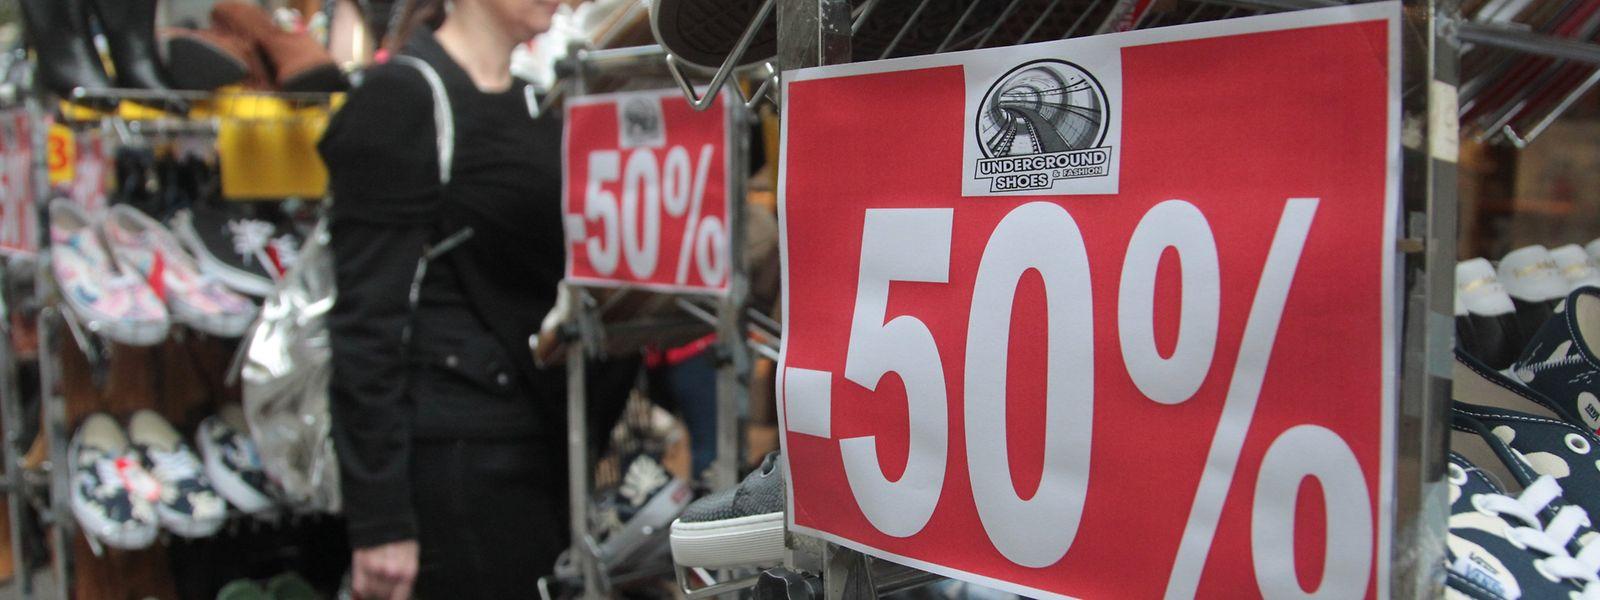 Zwischen 8 und 19 Uhr kommen Schnäppchenjäger am Montag in Luxemburg-Stadt vollends auf ihre Kosten.